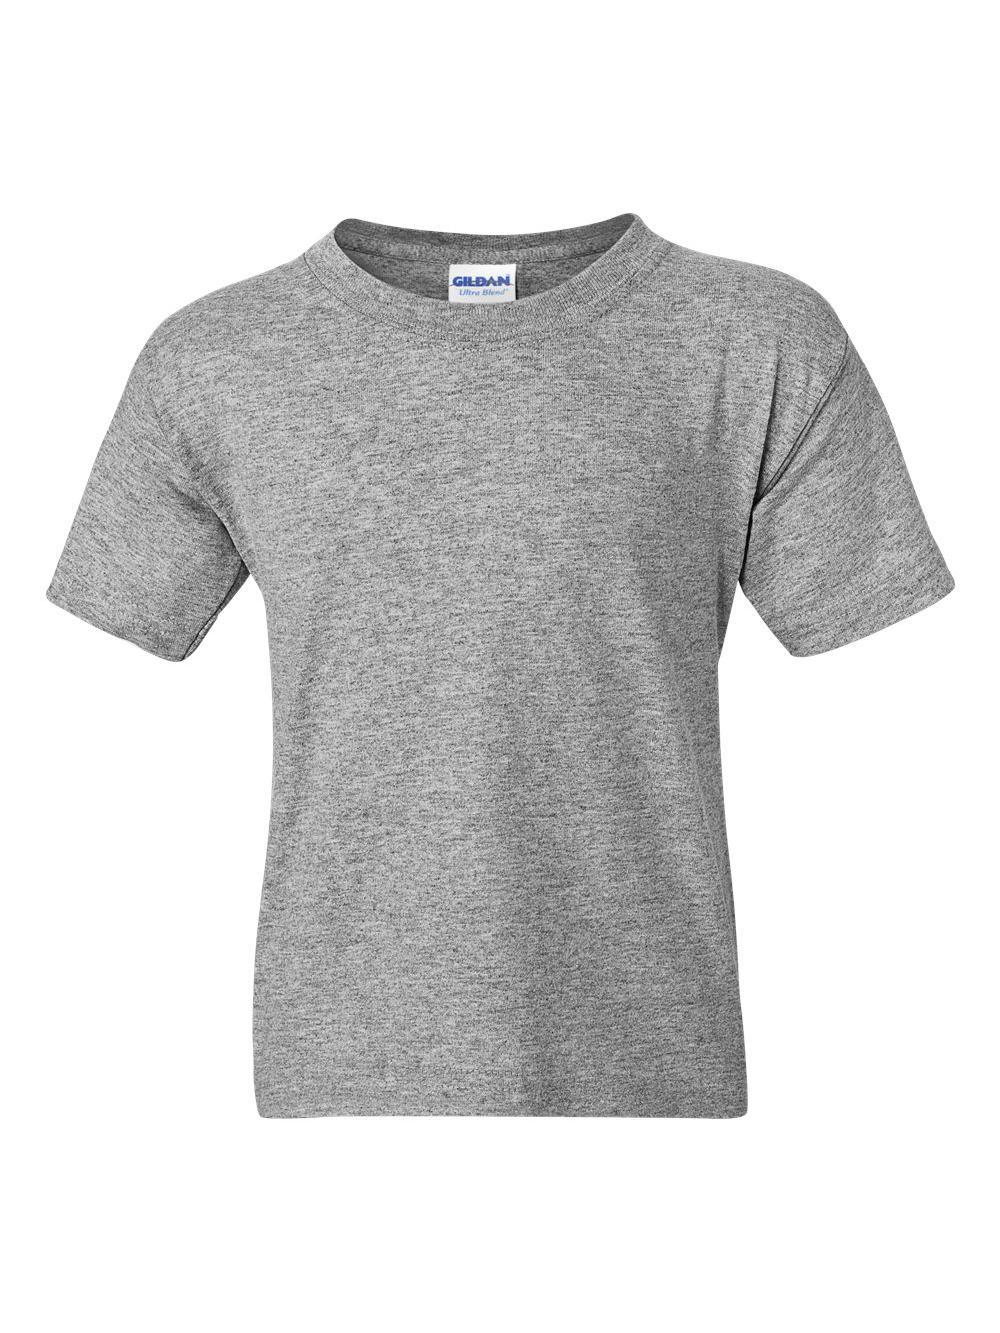 Gildan-DryBlend-Youth-50-50-T-Shirt-8000B thumbnail 99